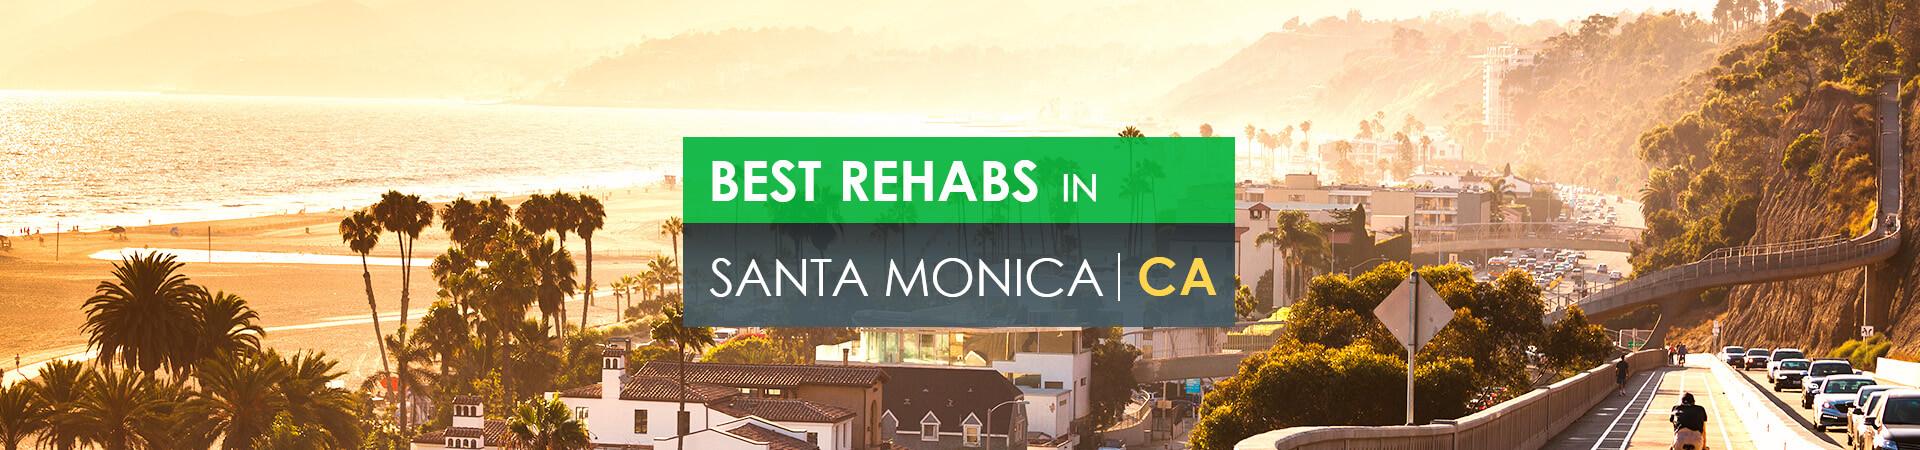 Best rehabs in Santa Monica, CA